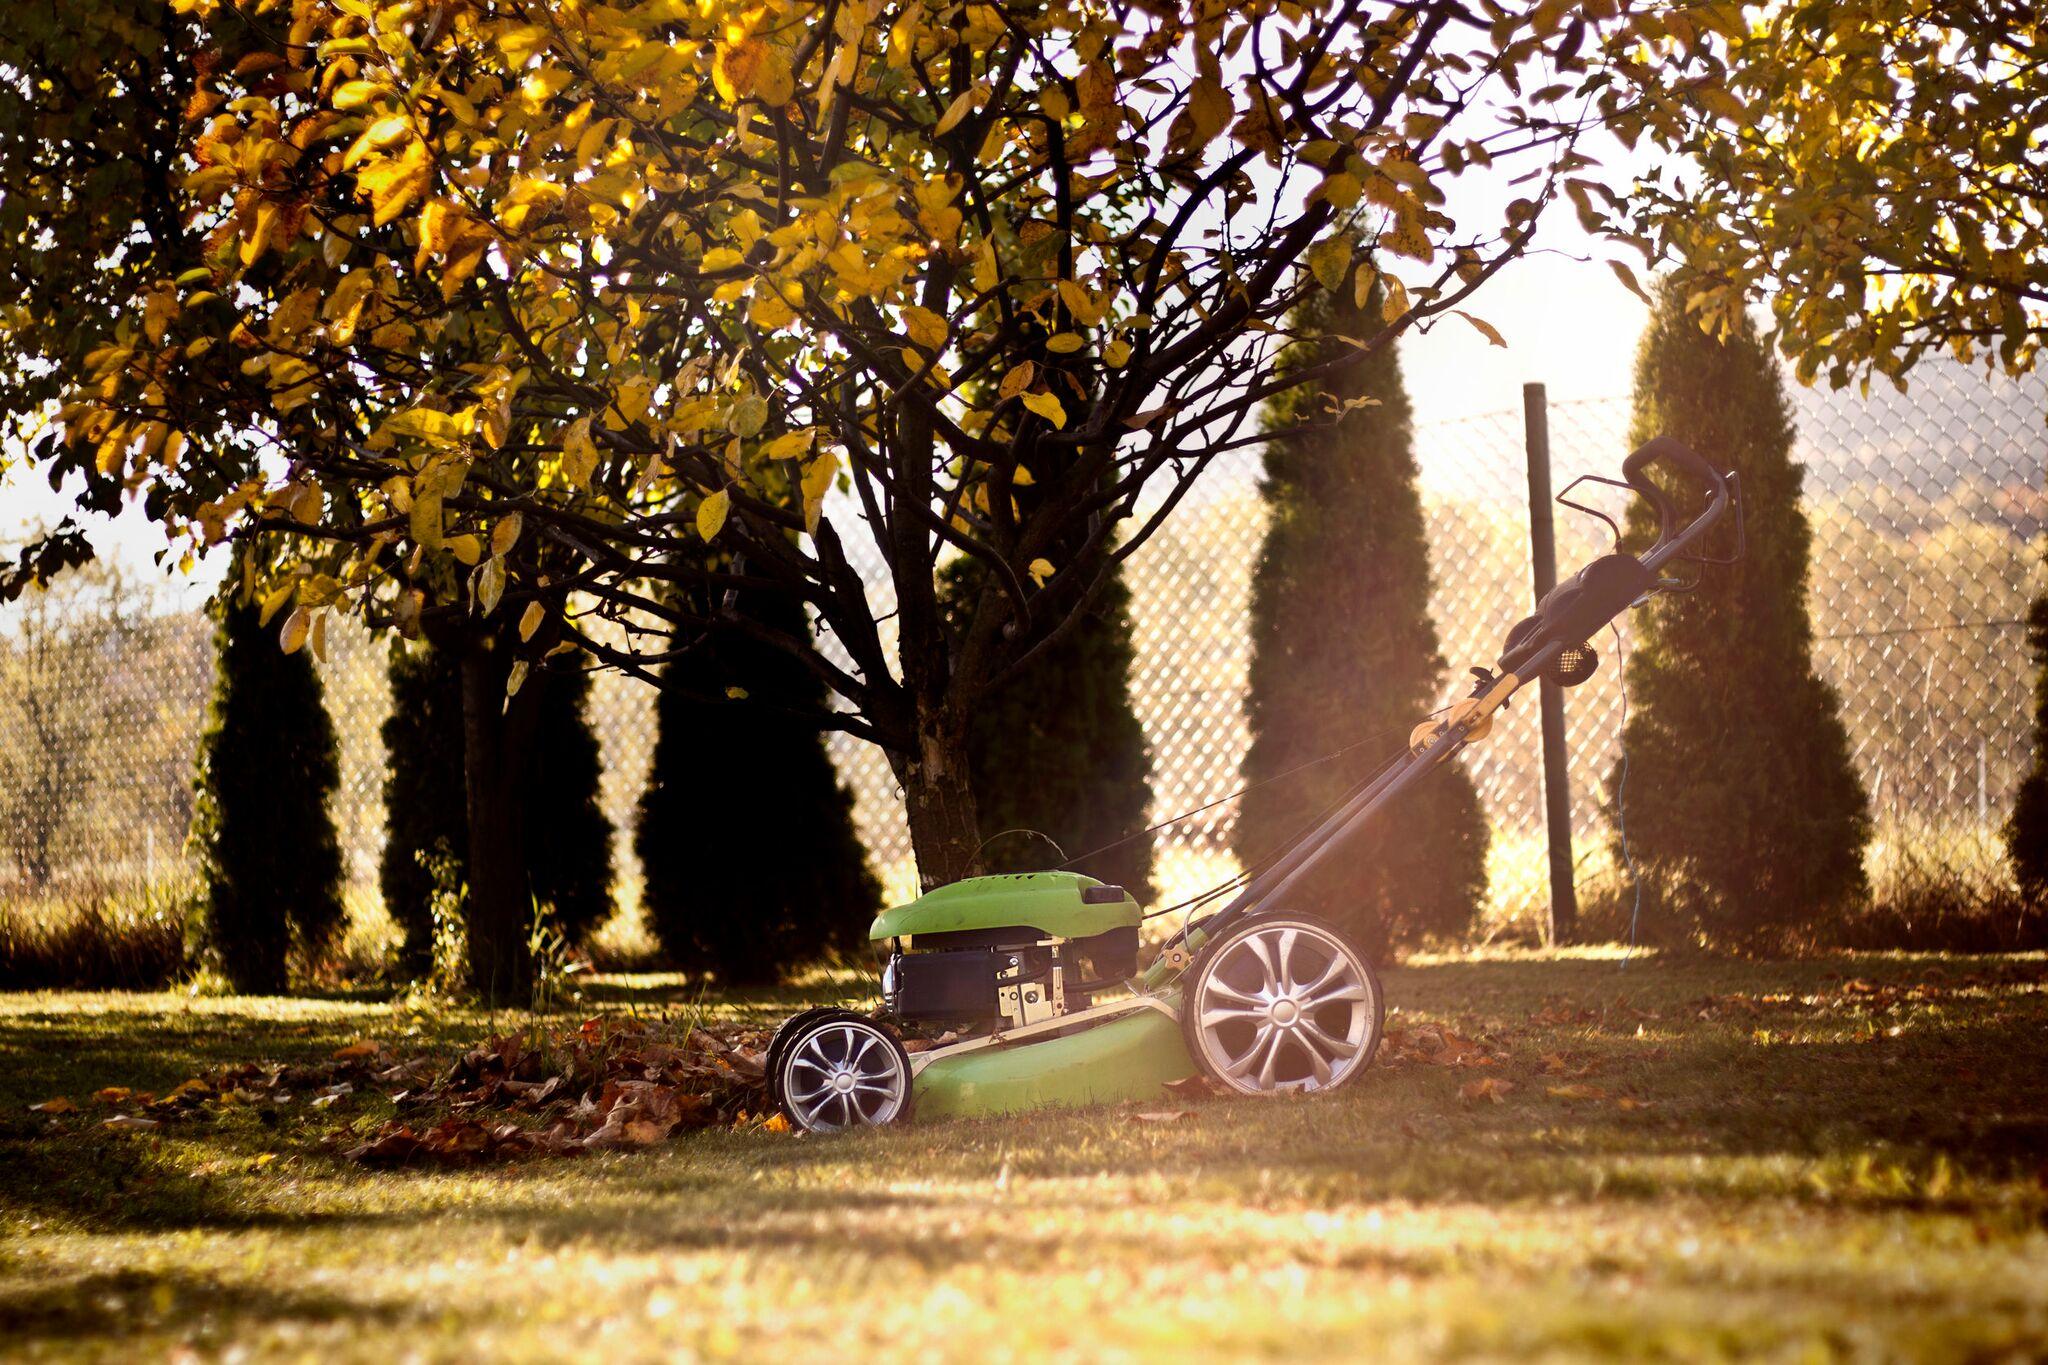 Gyepgondozás ősszel